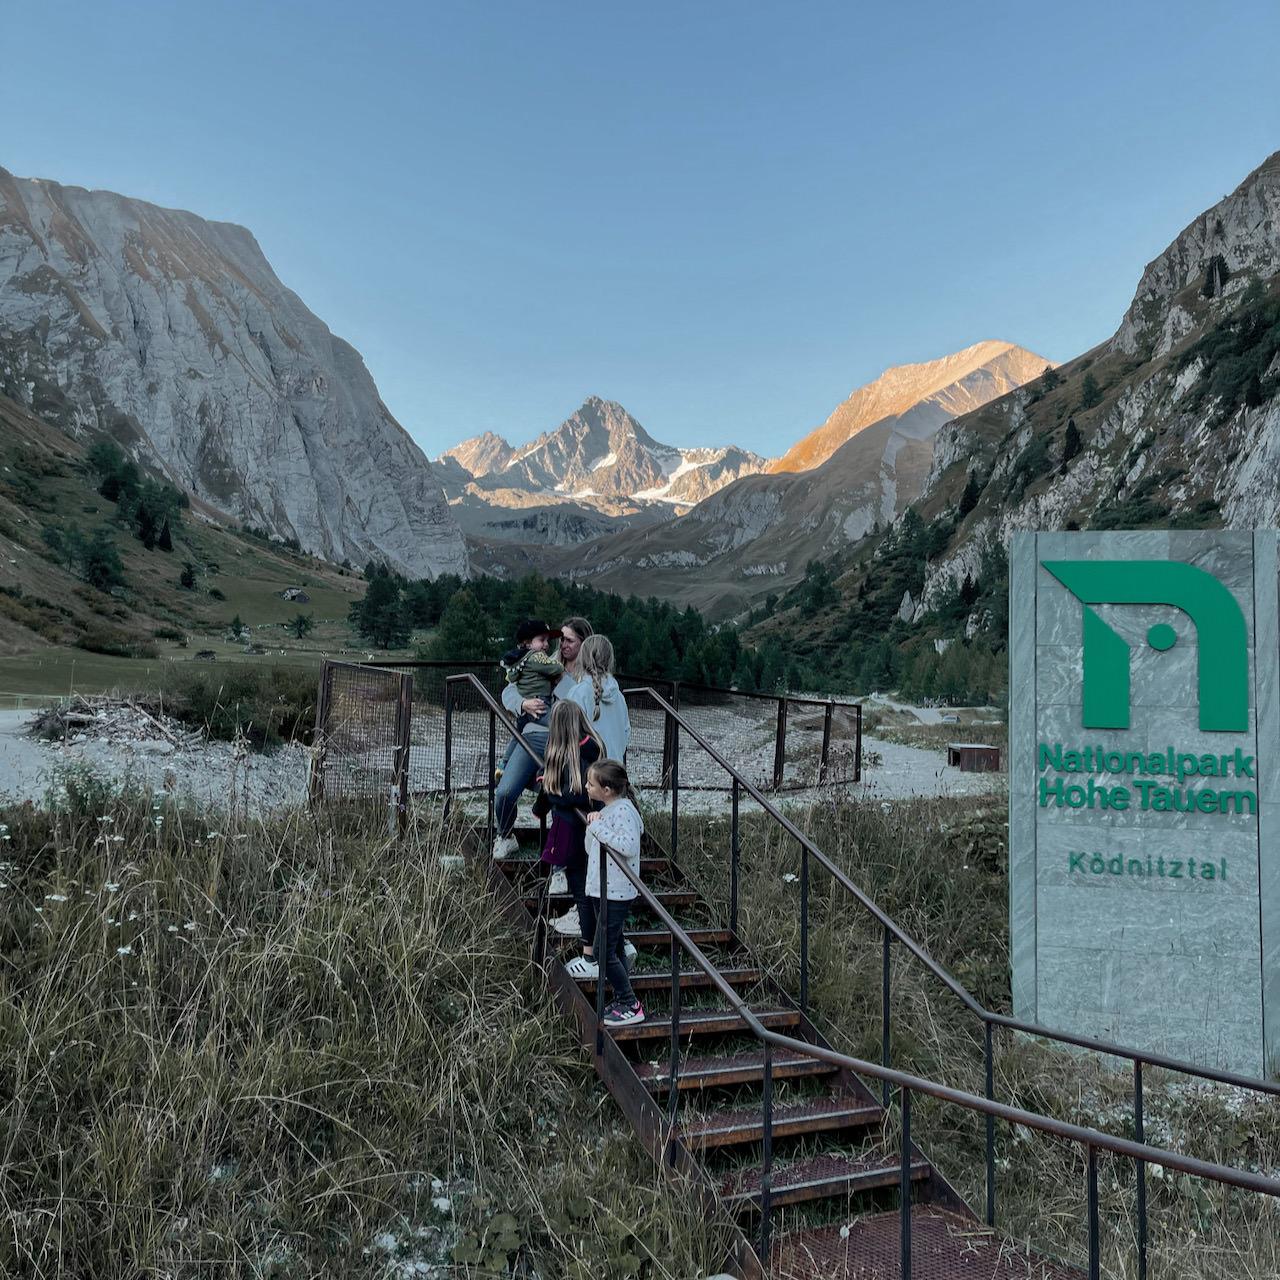 Familienurlaub Österreich - abschalten mit Kindern!